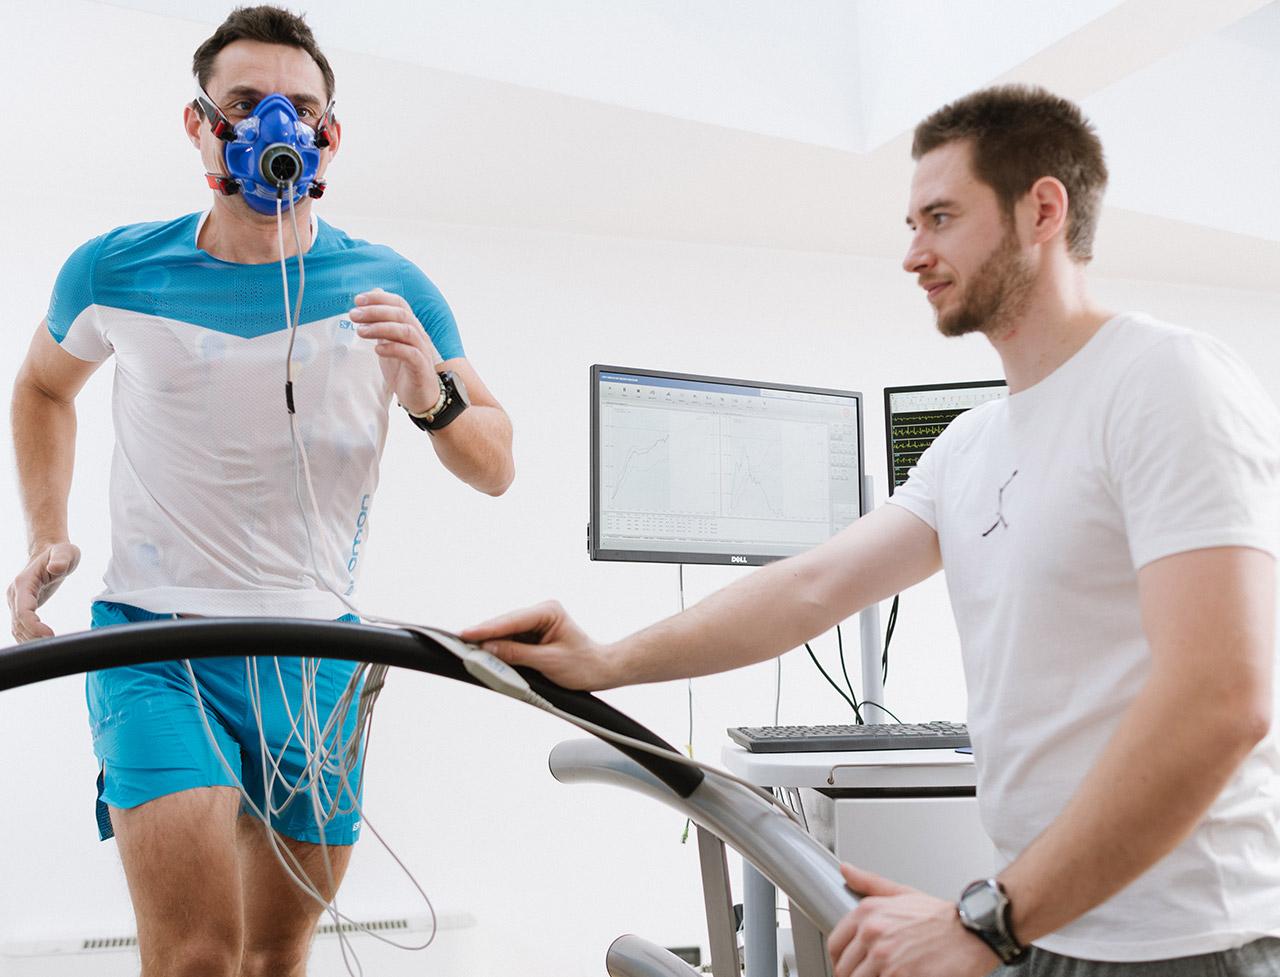 Kaliper-naslovnica-Sportska-medicina-i-rekreacija